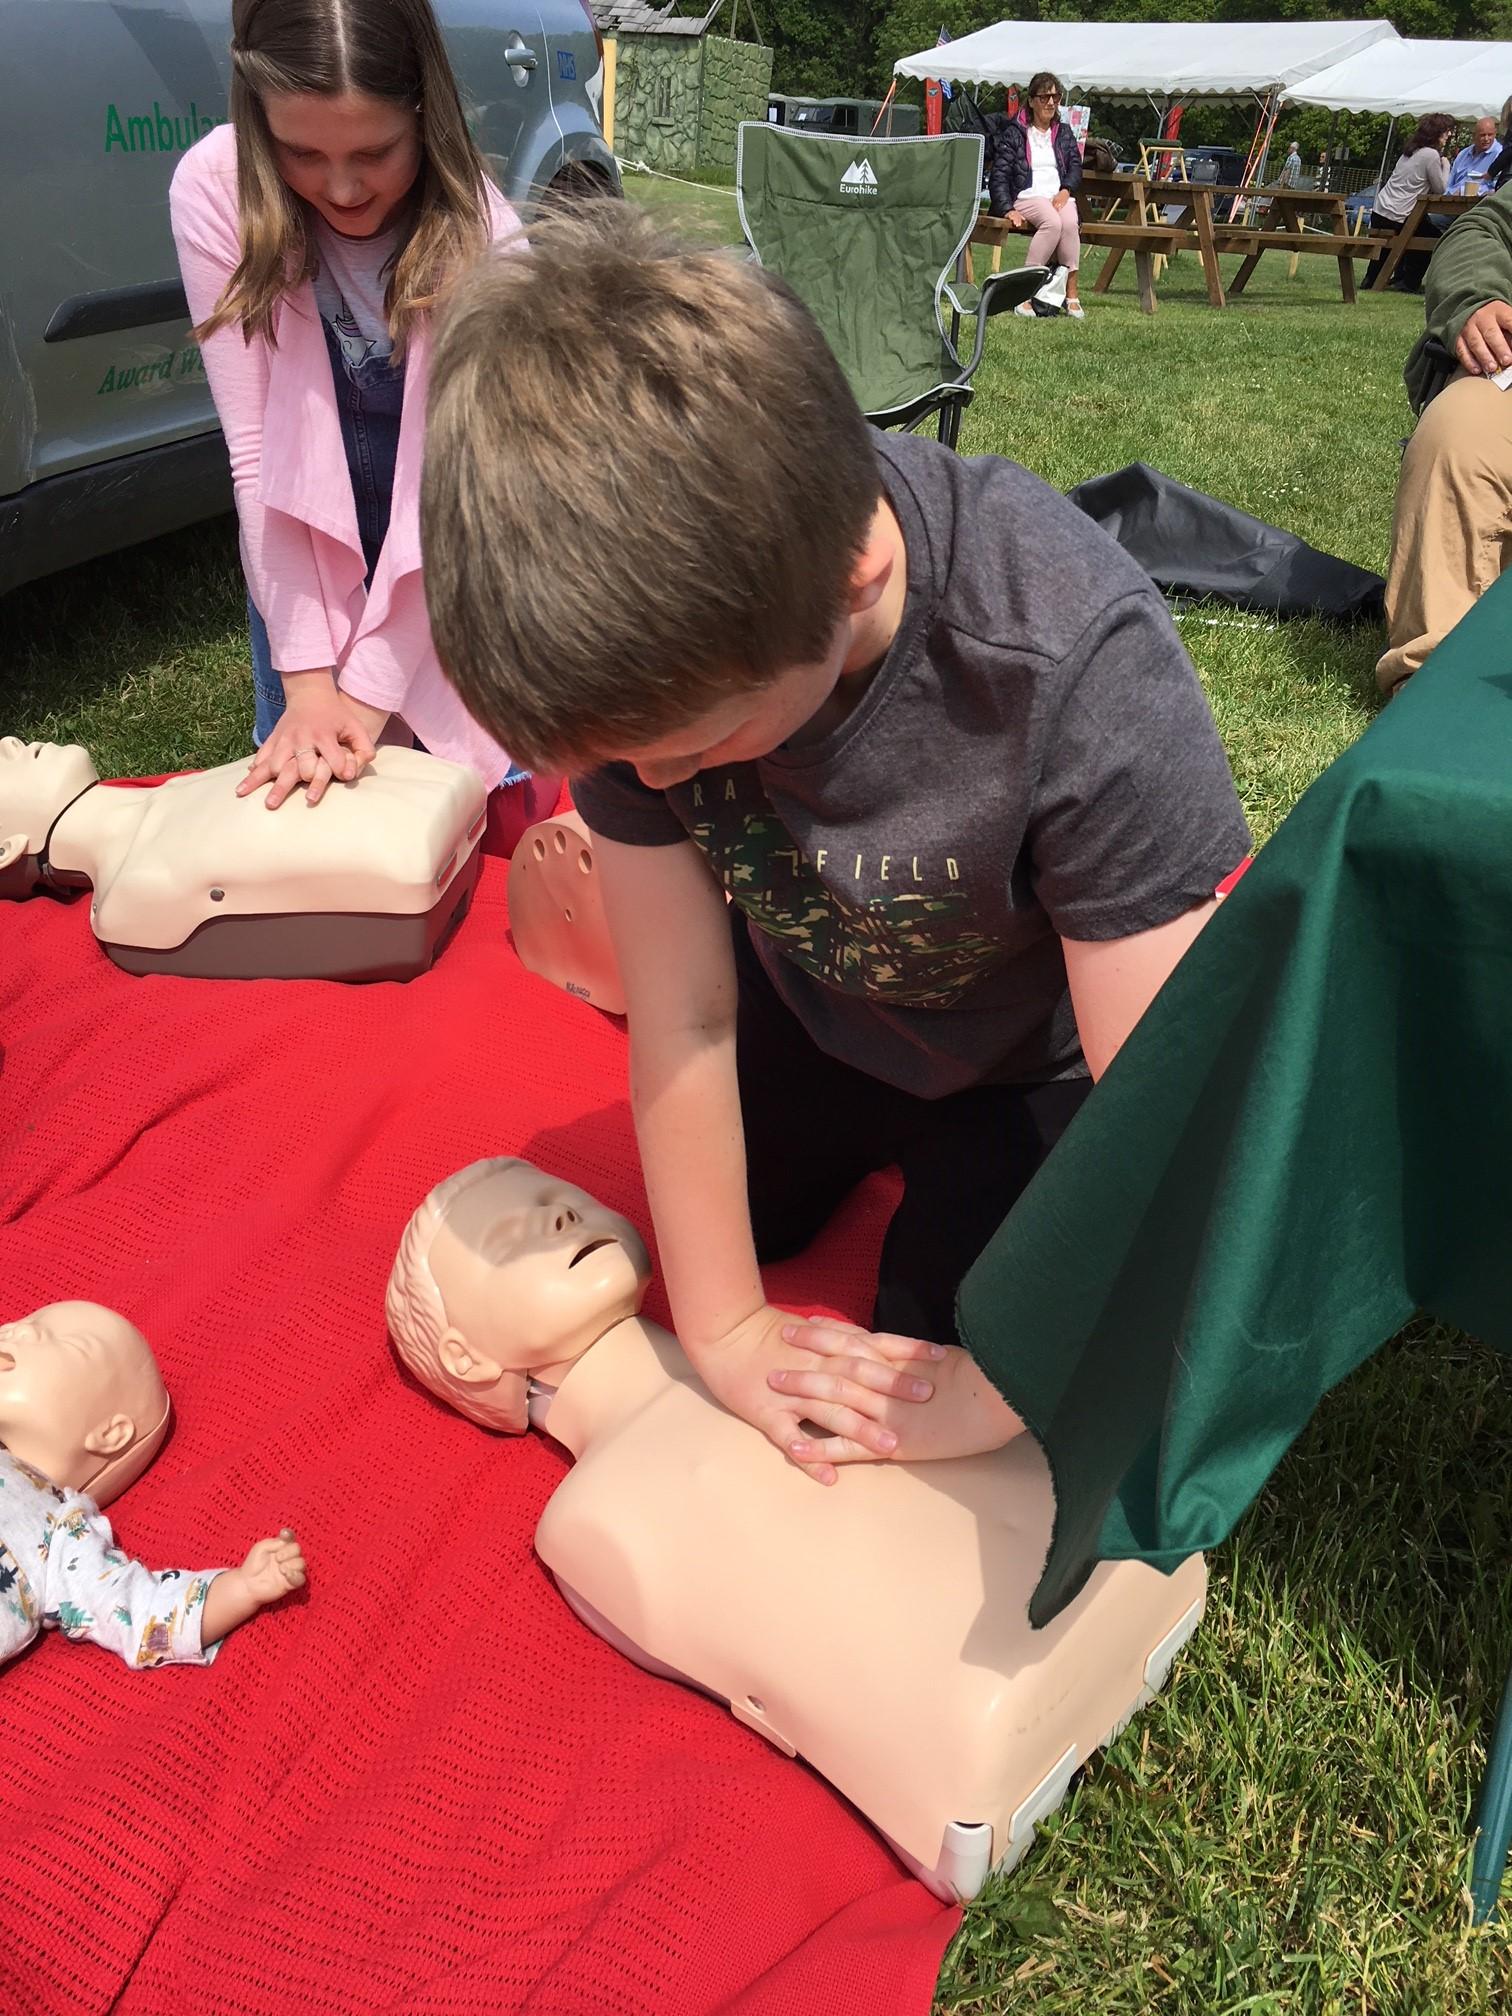 Child CPR Child.JPG